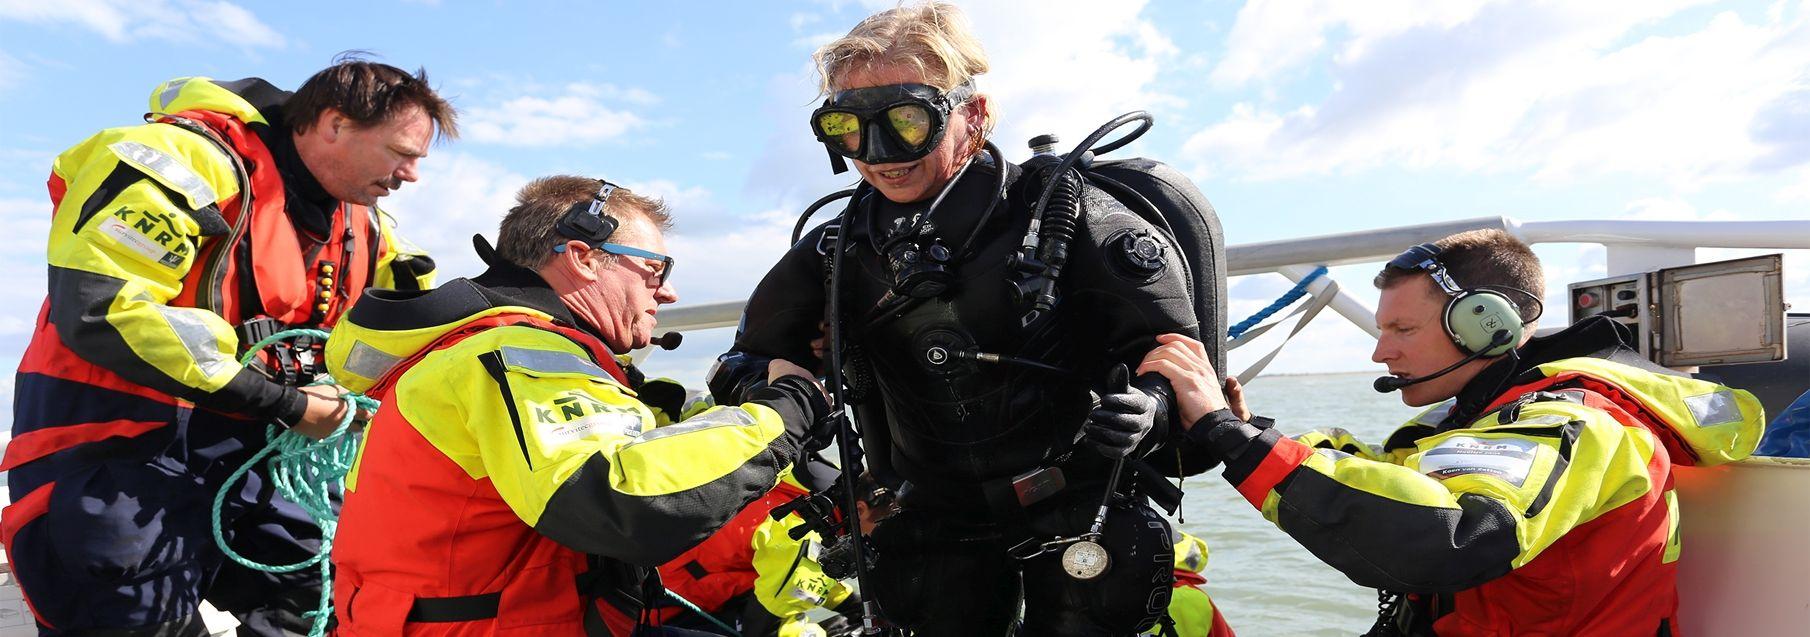 Oefening Neeltje Jans met duikers